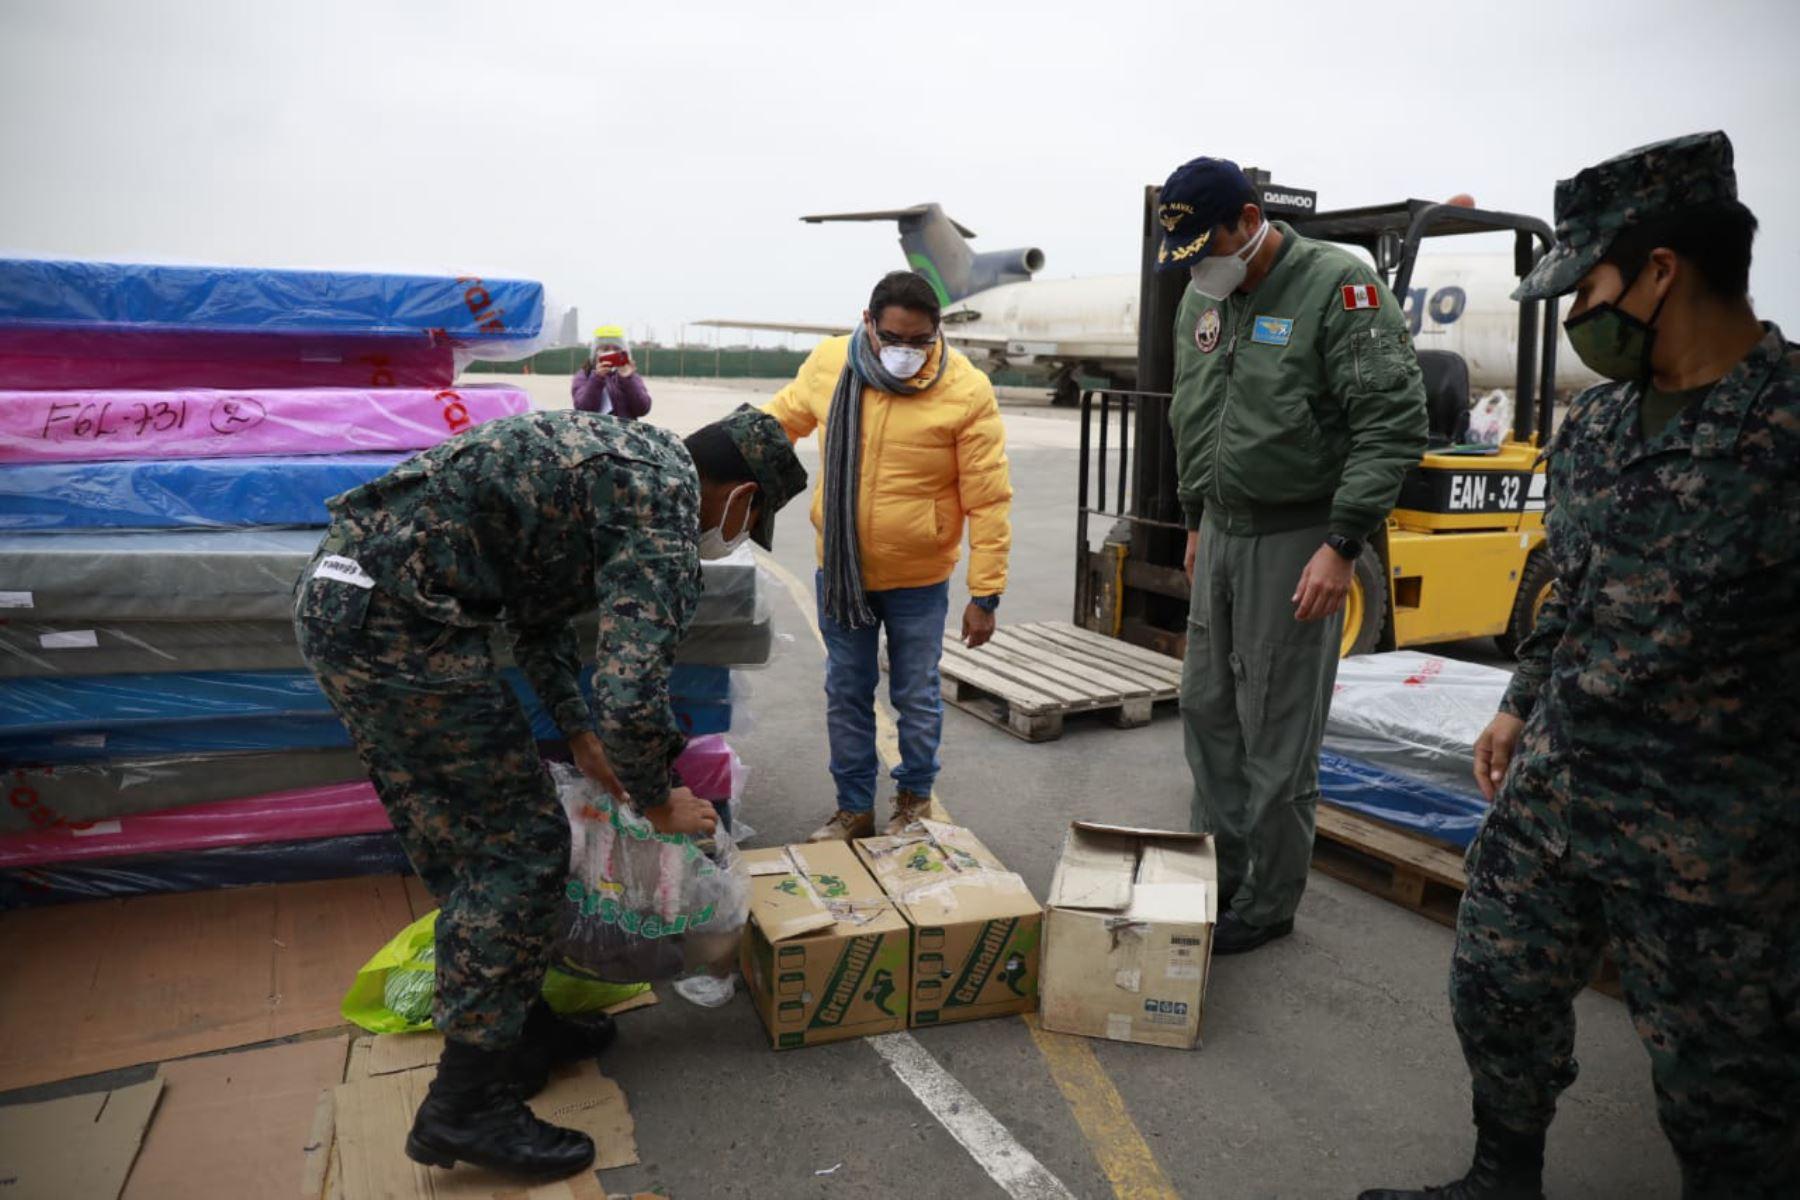 Ministerio de Vivienda traslada cargamento de dos toneladas de ayuda humanitaria y equipos médicos y alimentos  a la región Puno, entregados por Minsa e Indeci. Foto: Ministerio de Vivienda